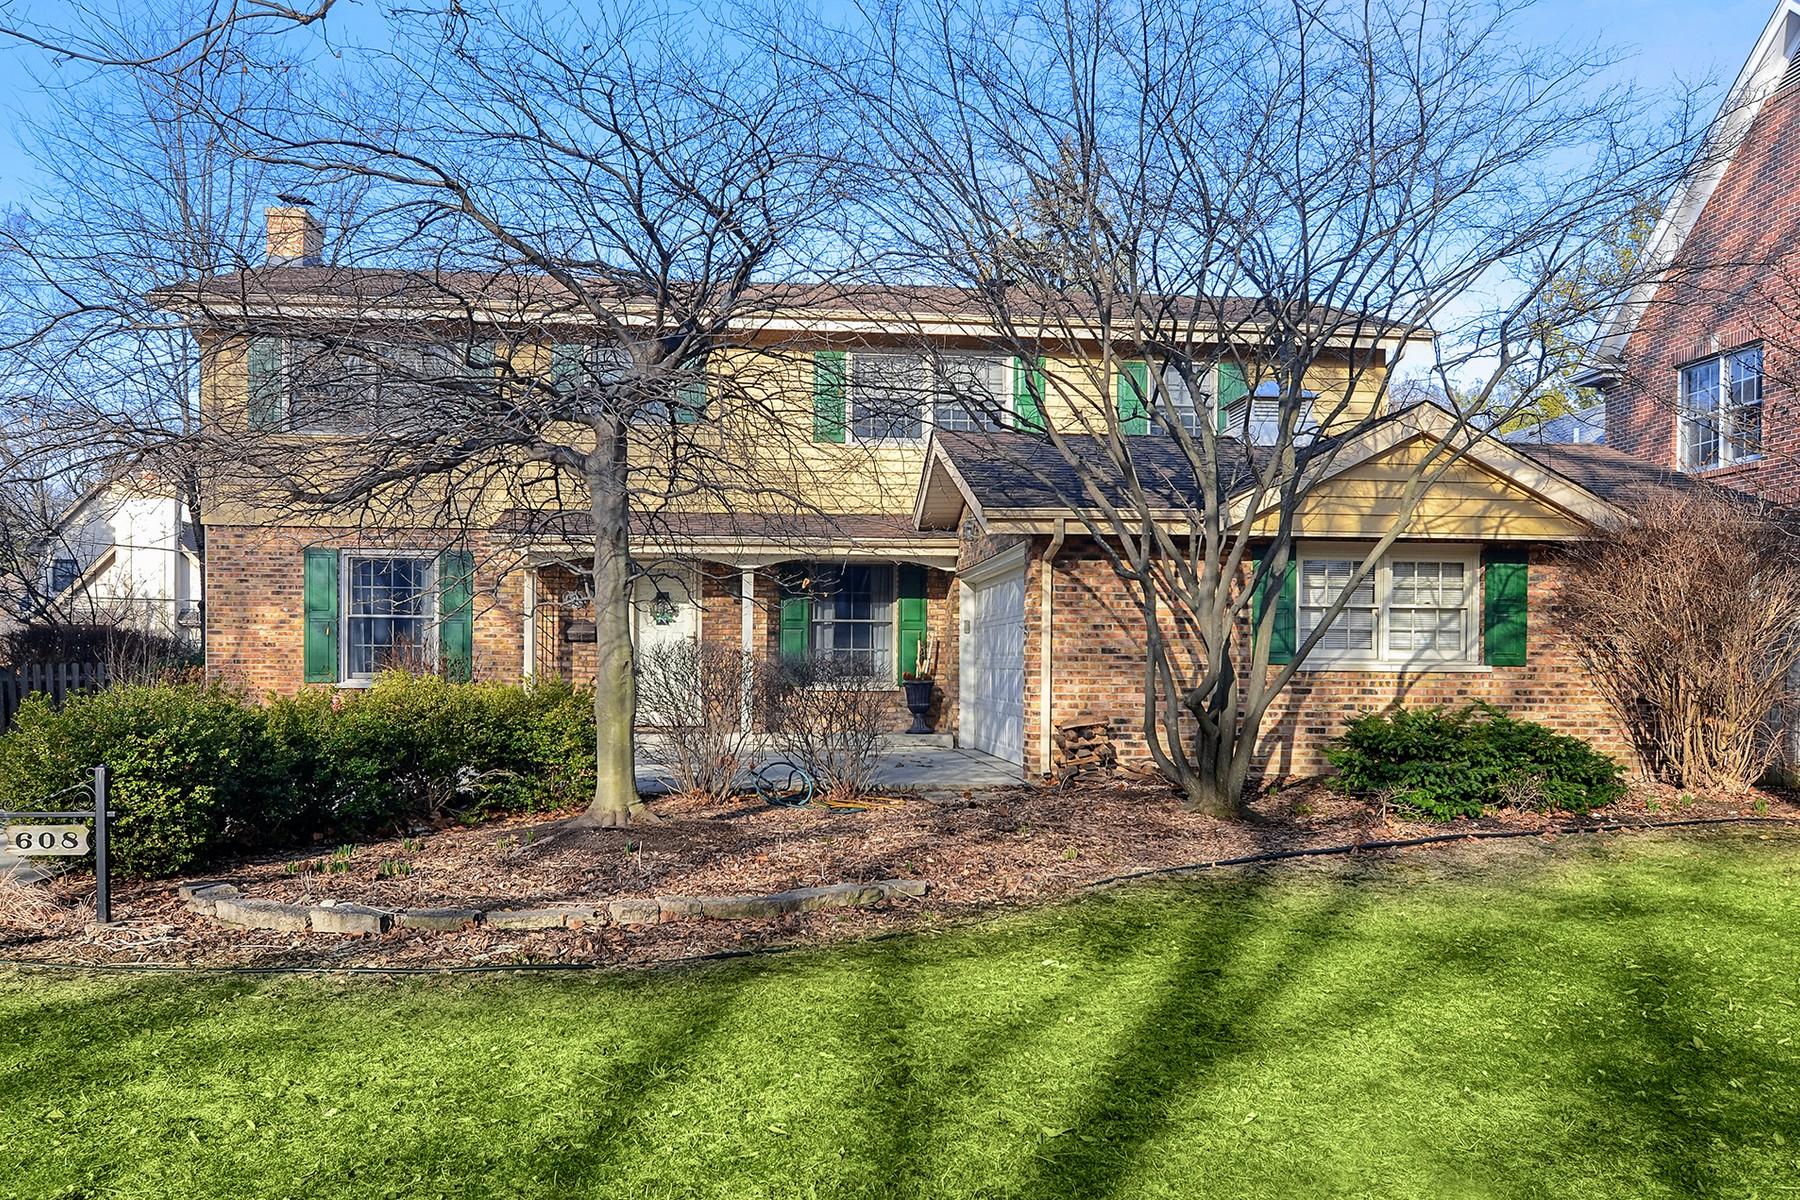 Vivienda unifamiliar por un Venta en The Ultimate Value in a Home 608 Franklin Street, Hinsdale, Illinois, 60521 Estados Unidos